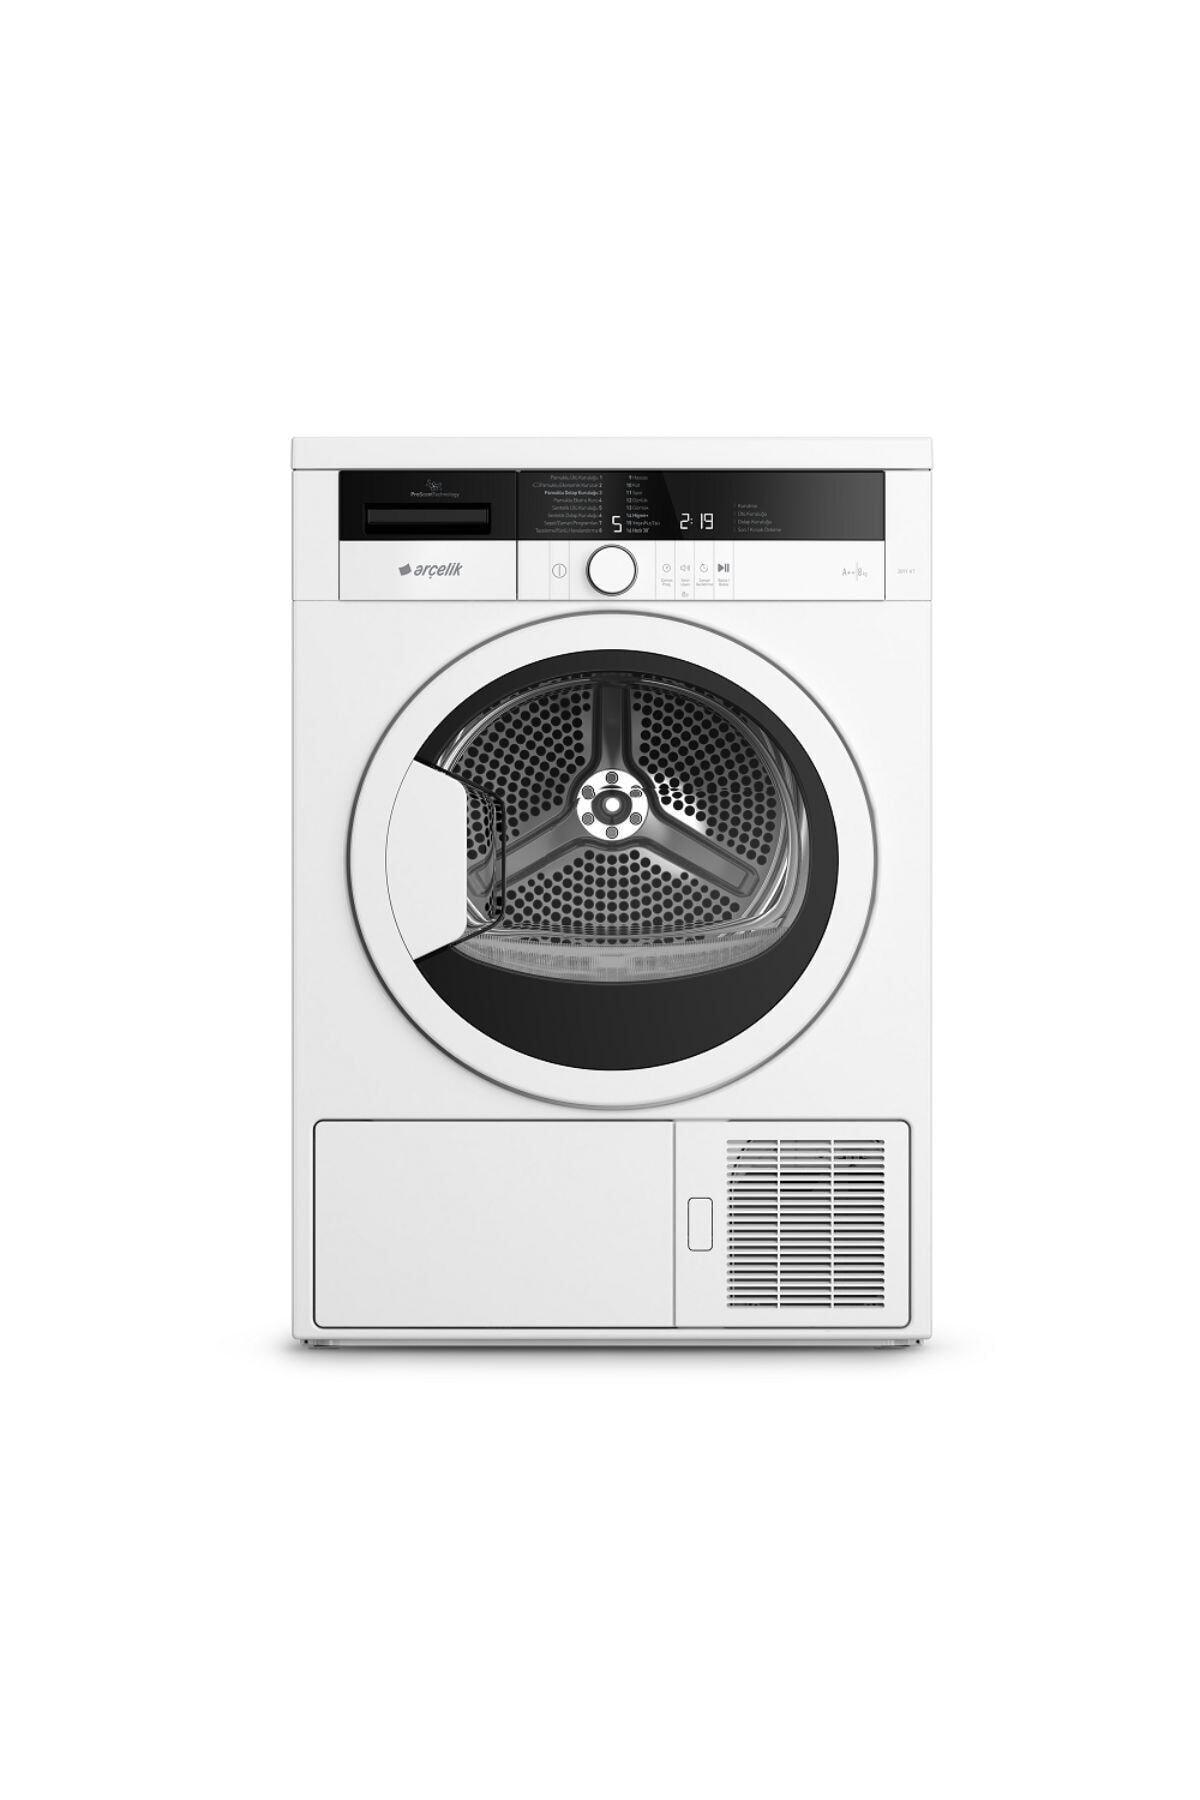 Arçelik 3891 KT A++ 9 Kg Çamaşır Kurutma Makinesi Fiyatı, Yorumları -  Trendyol